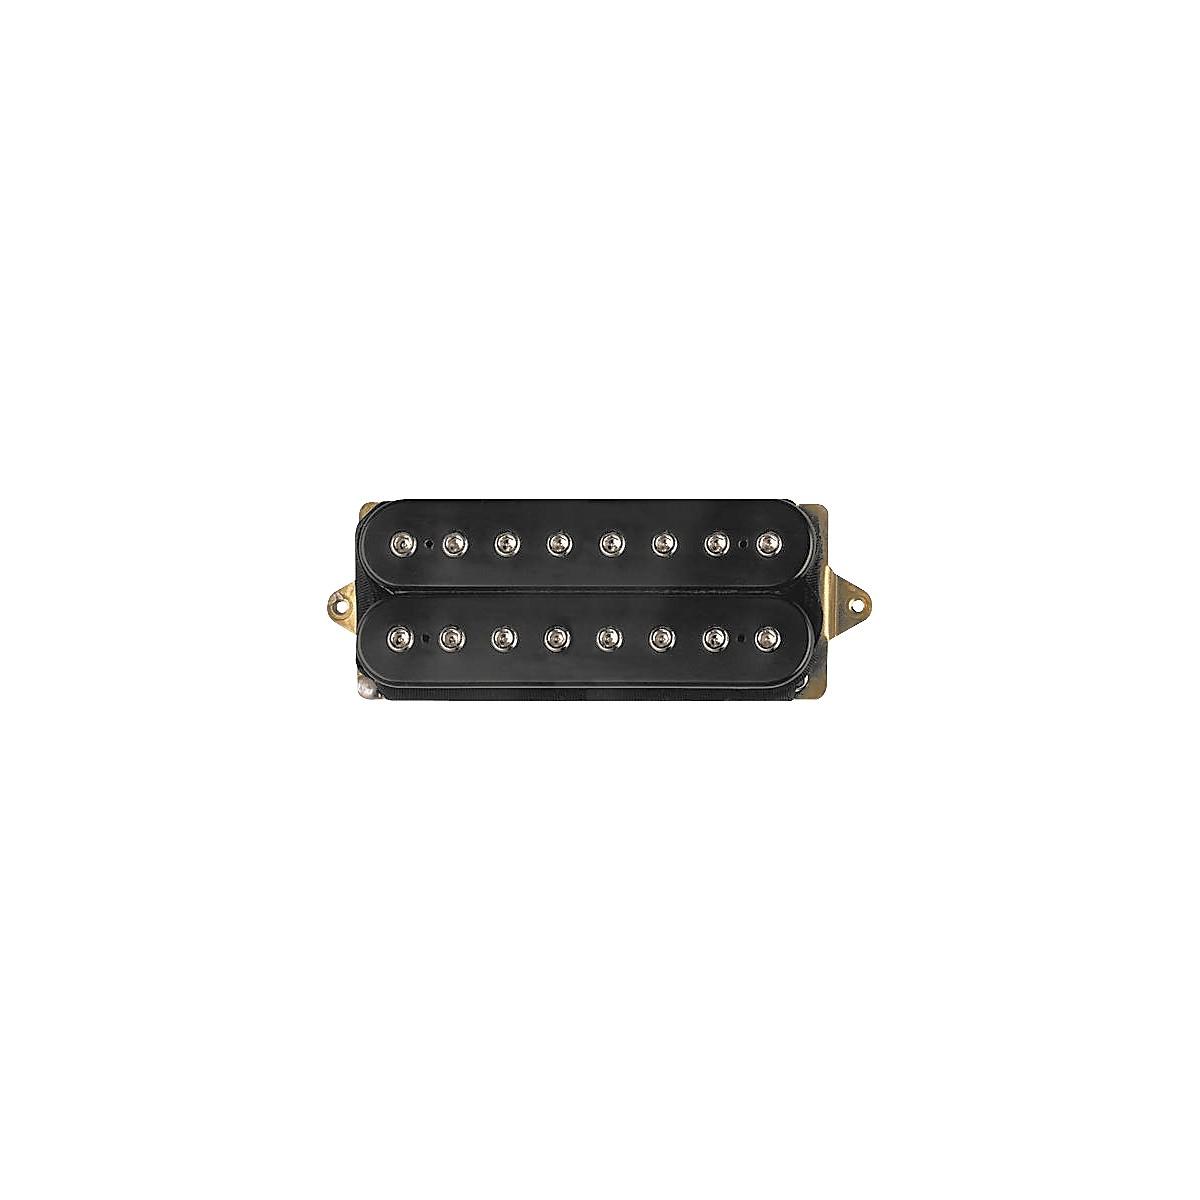 DiMarzio DP819 D-Activator 8-String Neck Humbucker